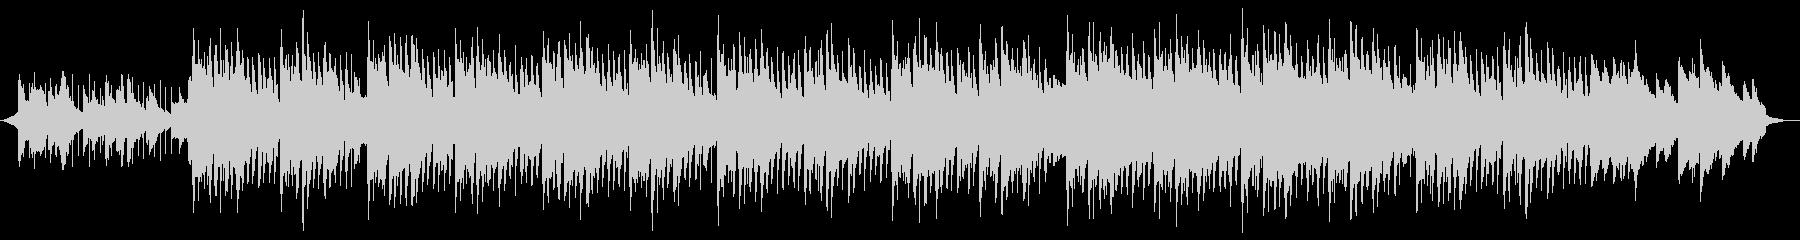 印象的なピアノメロディの企業PVの未再生の波形